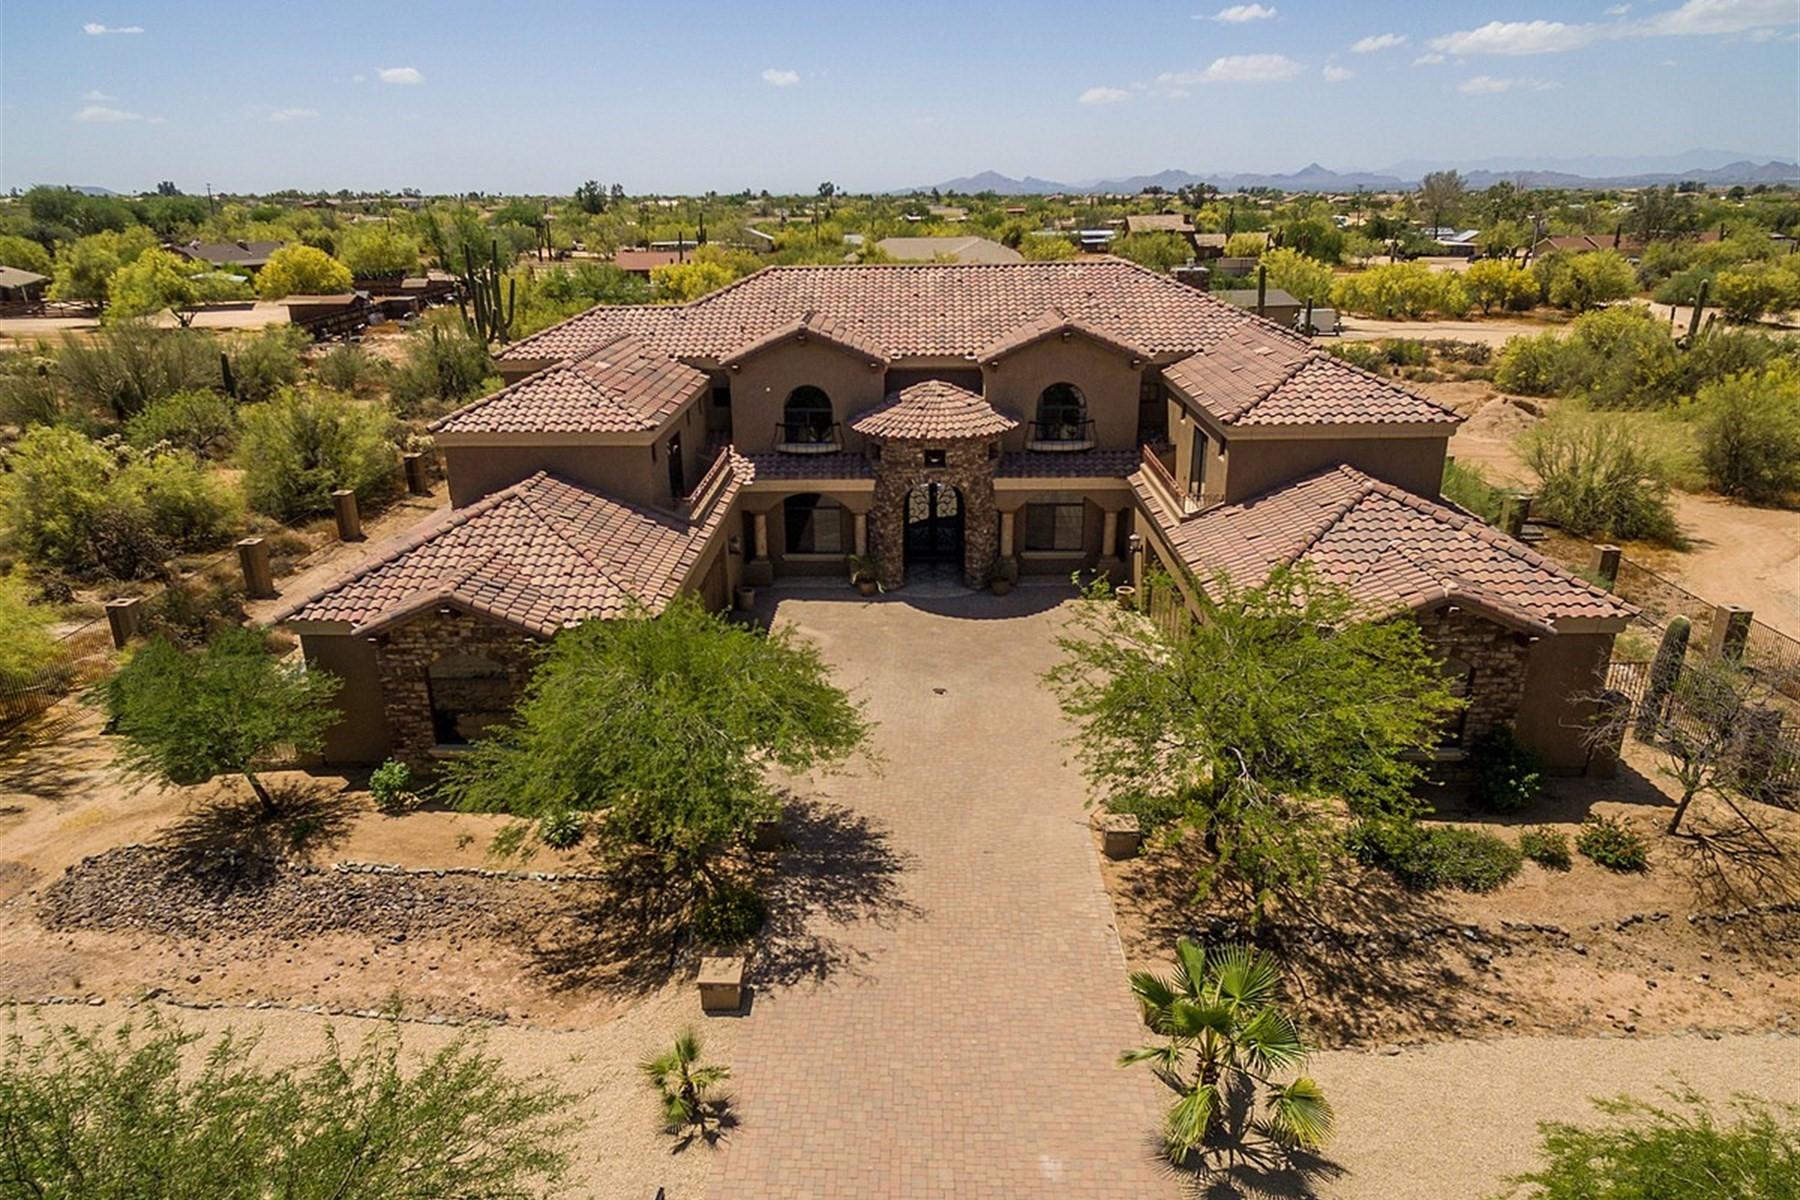 一戸建て のために 売買 アット Quality Custom home on a level acre lot in Cave Creek 6221 E Dixileta Dr Cave Creek, アリゾナ, 85331 アメリカ合衆国